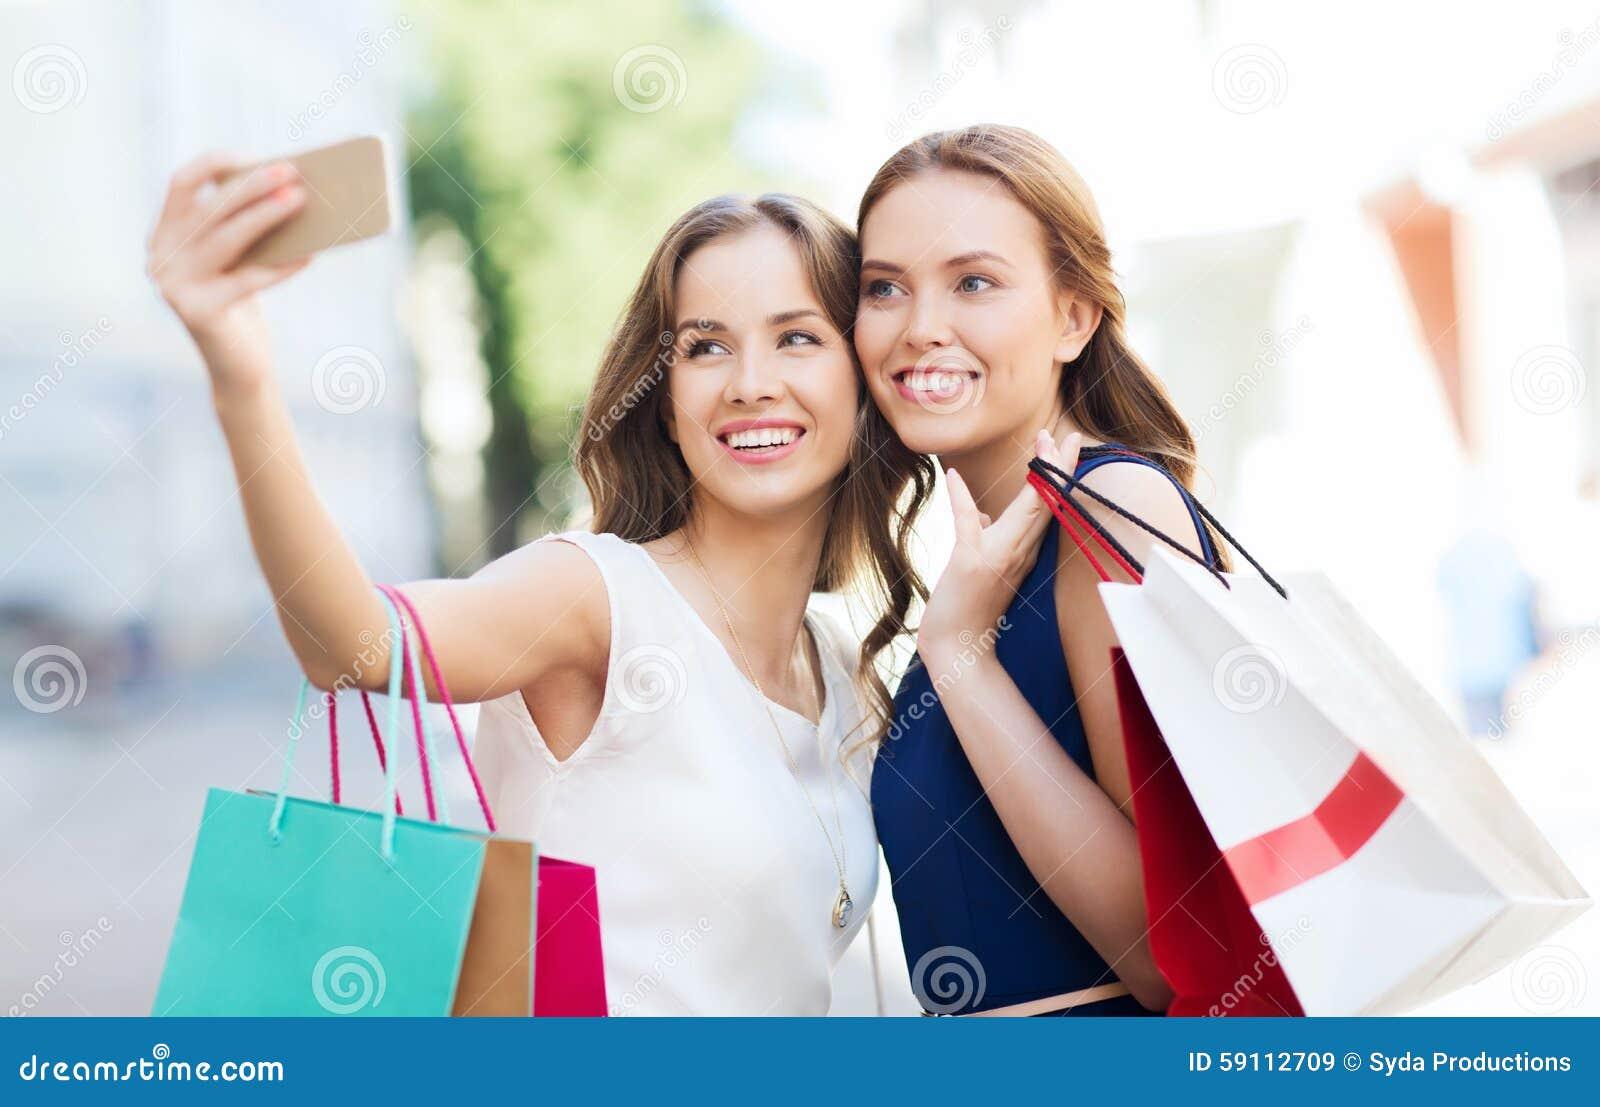 有购物袋和智能手机的愉快的妇女